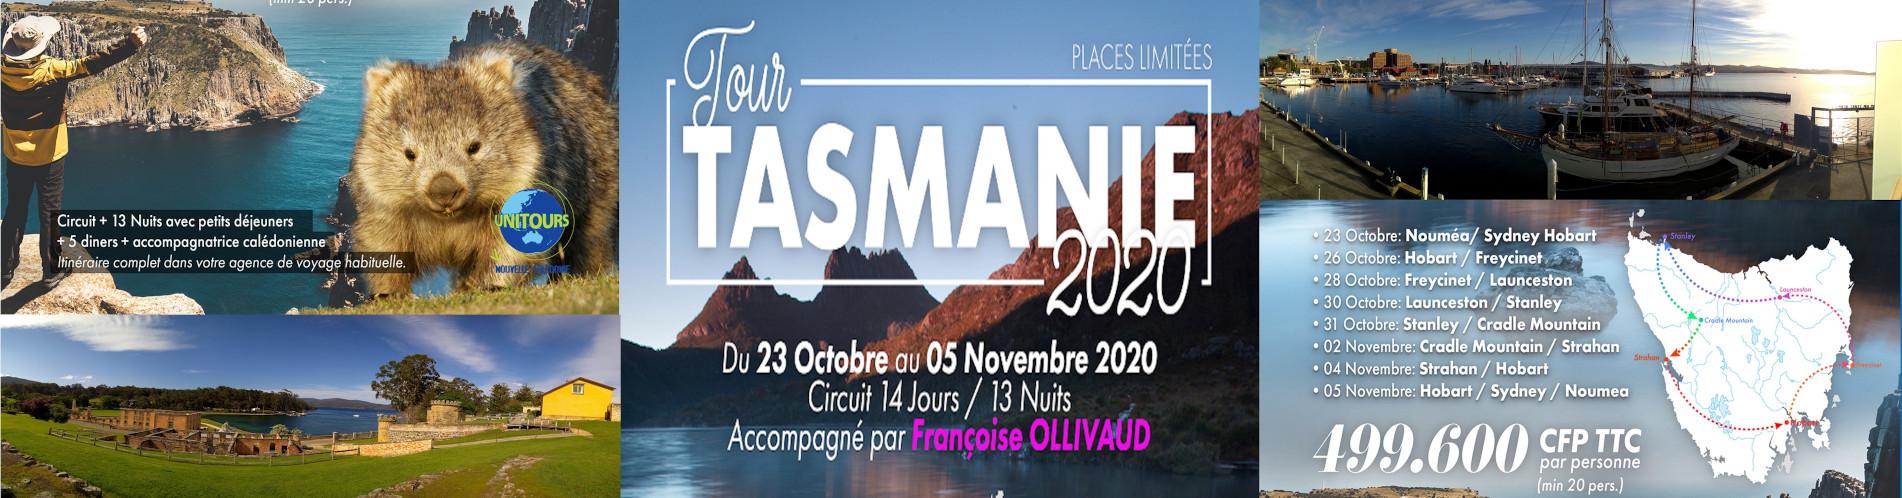 TOUR TASMANIE 2020